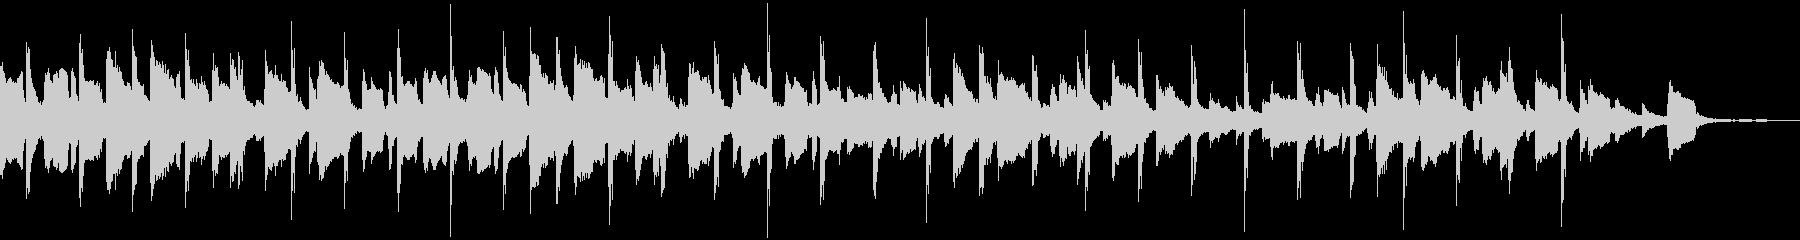 ウクレレリコーダーの明るい楽曲ドラム無短の未再生の波形